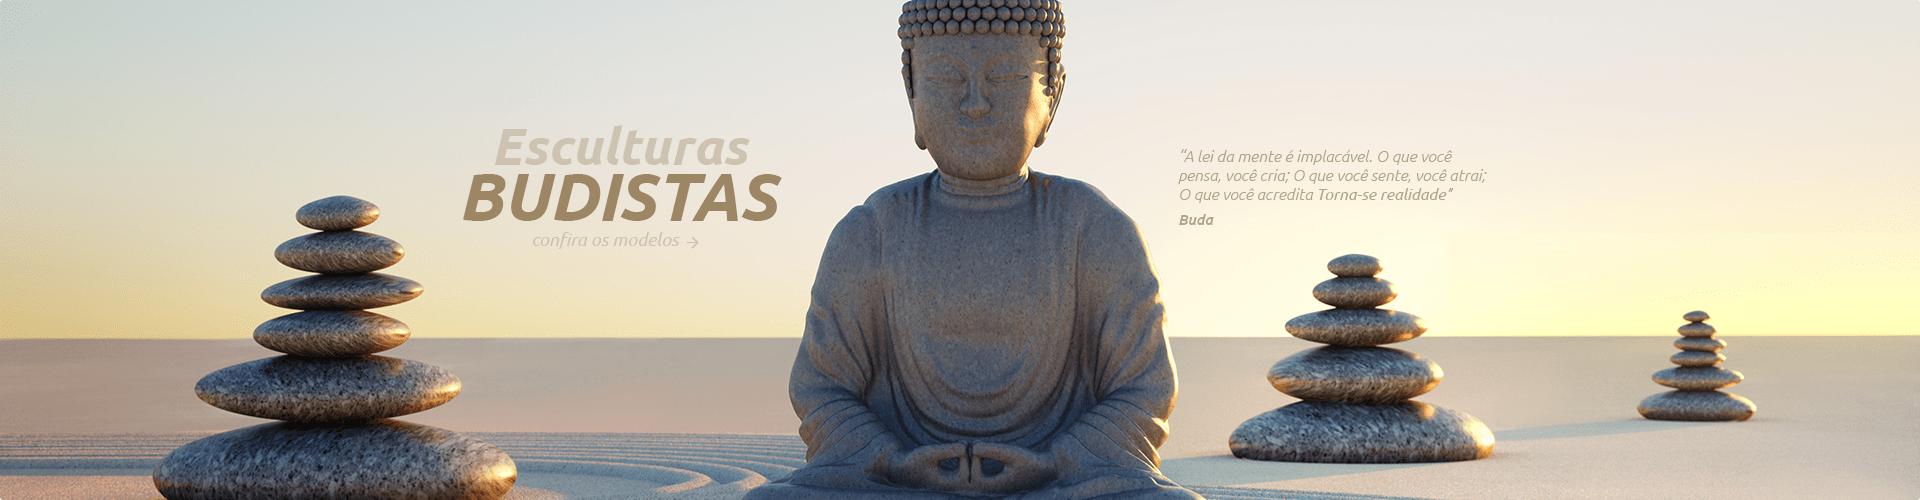 Estatuetas Budistas